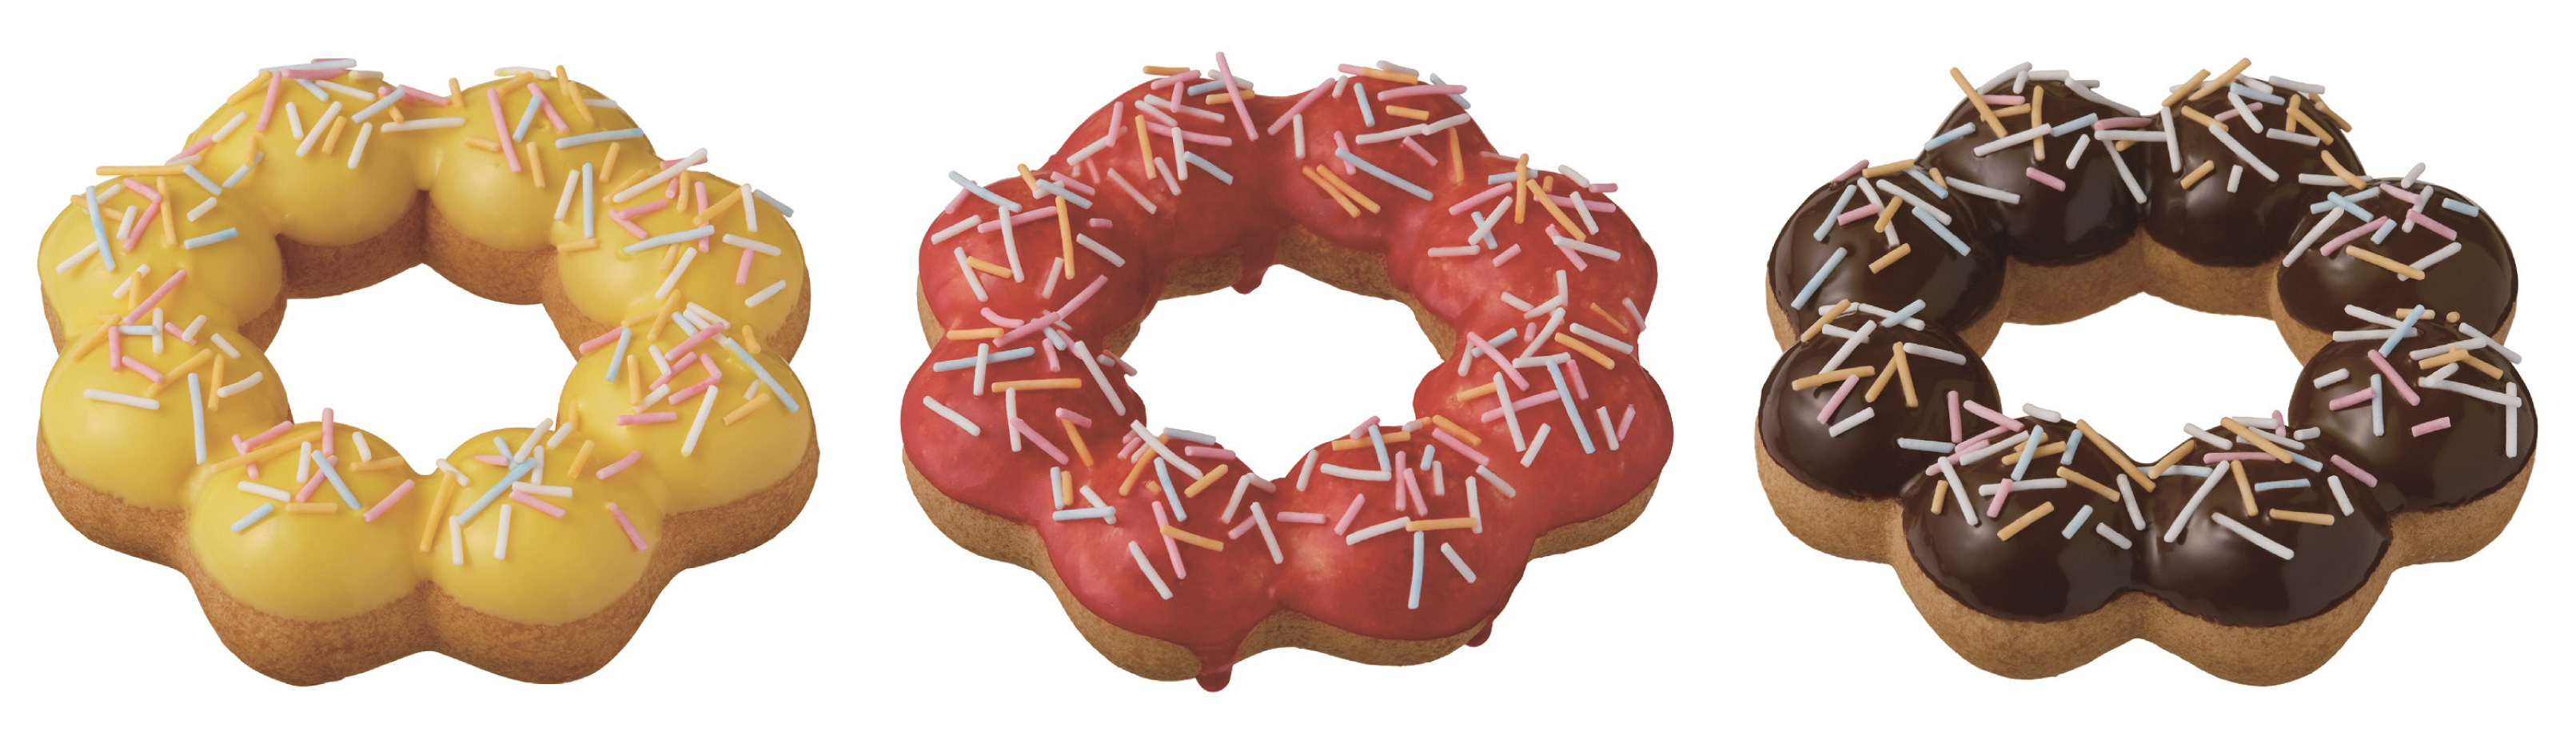 %e3%83%9f%e3%82%b9%e3%82%bf%e3%83%bc%e3%83%89%e3%83%bc%e3%83%8a%e3%83%84-%e3%83%9d%e3%82%b1%e3%83%a2%e3%83%b3-mister-donut-pokemon-christmas-2020-%e7%b2%be%e9%9d%88%e5%af%b6%e5%8f%af%e5%a4%a2-6-2